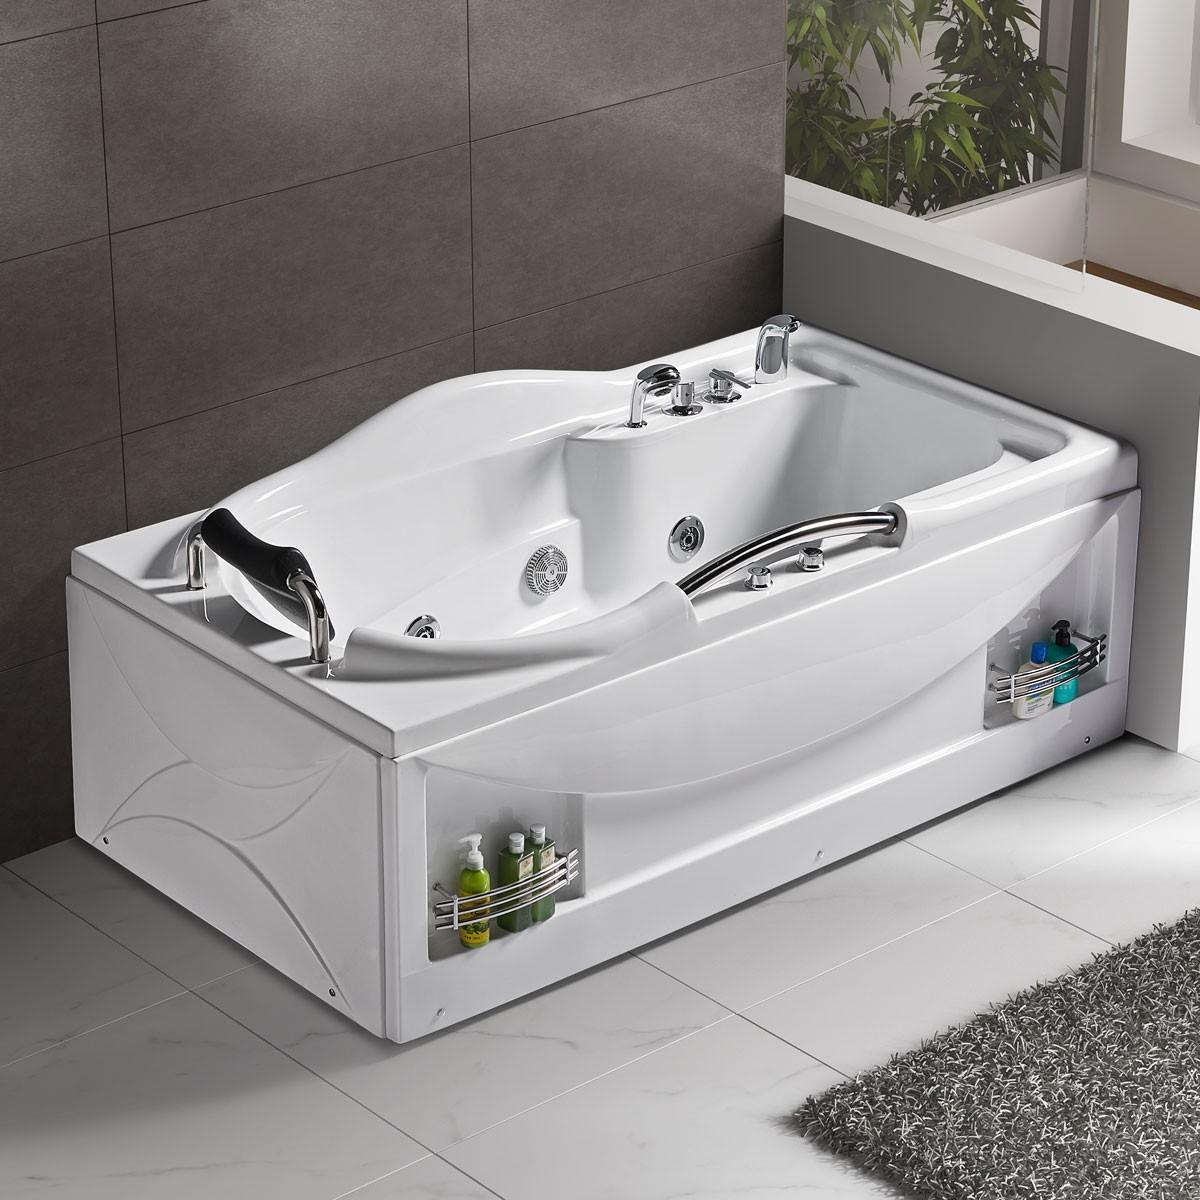 69 po baignoire baln o acrylique blanche dk q314 decoraport canada. Black Bedroom Furniture Sets. Home Design Ideas